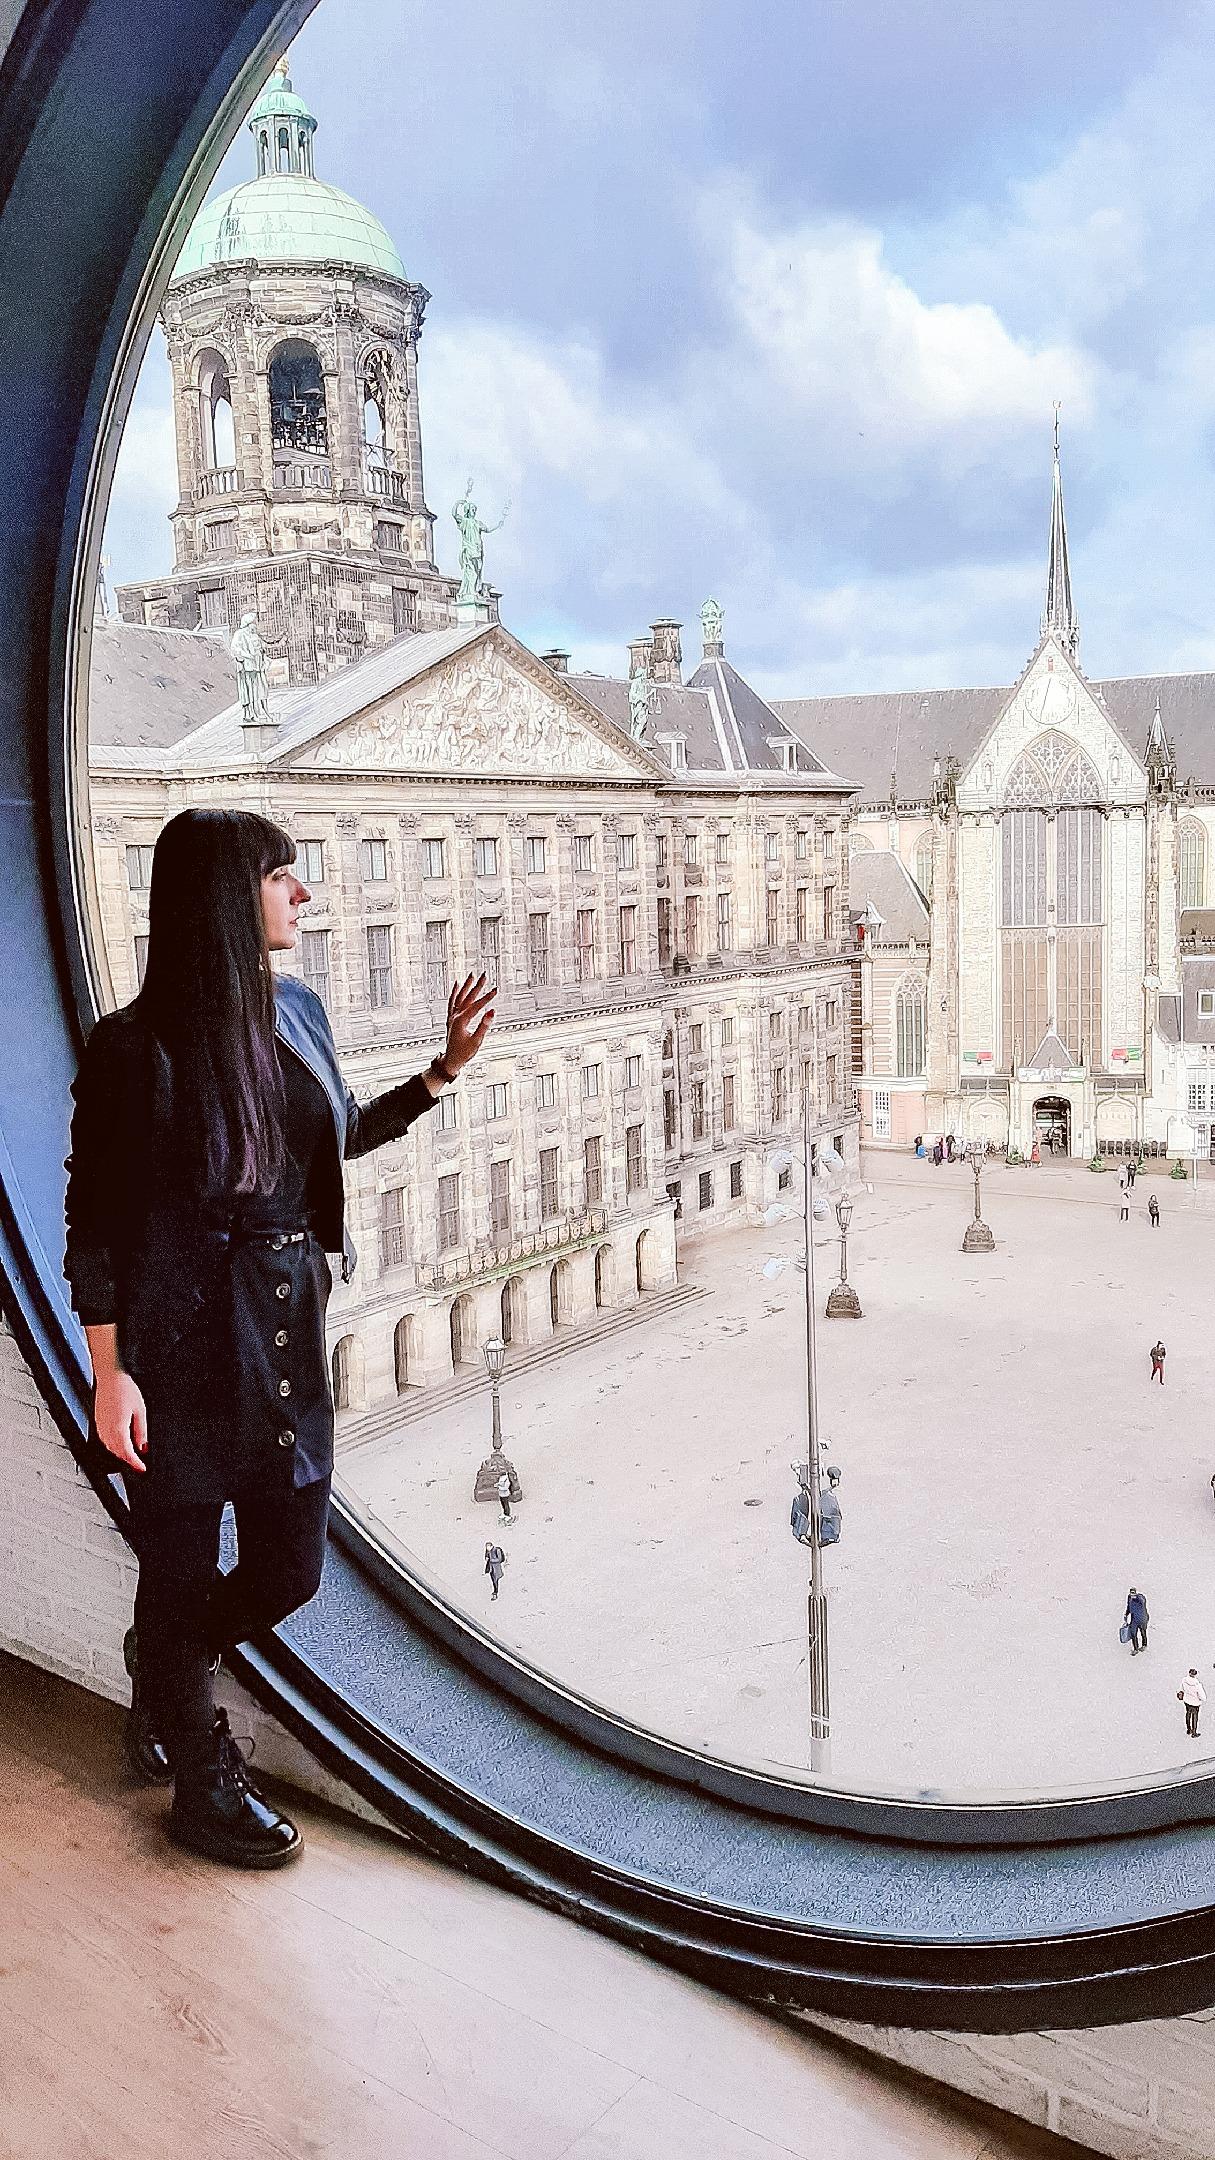 Valentina_museo delle cere amsterdam